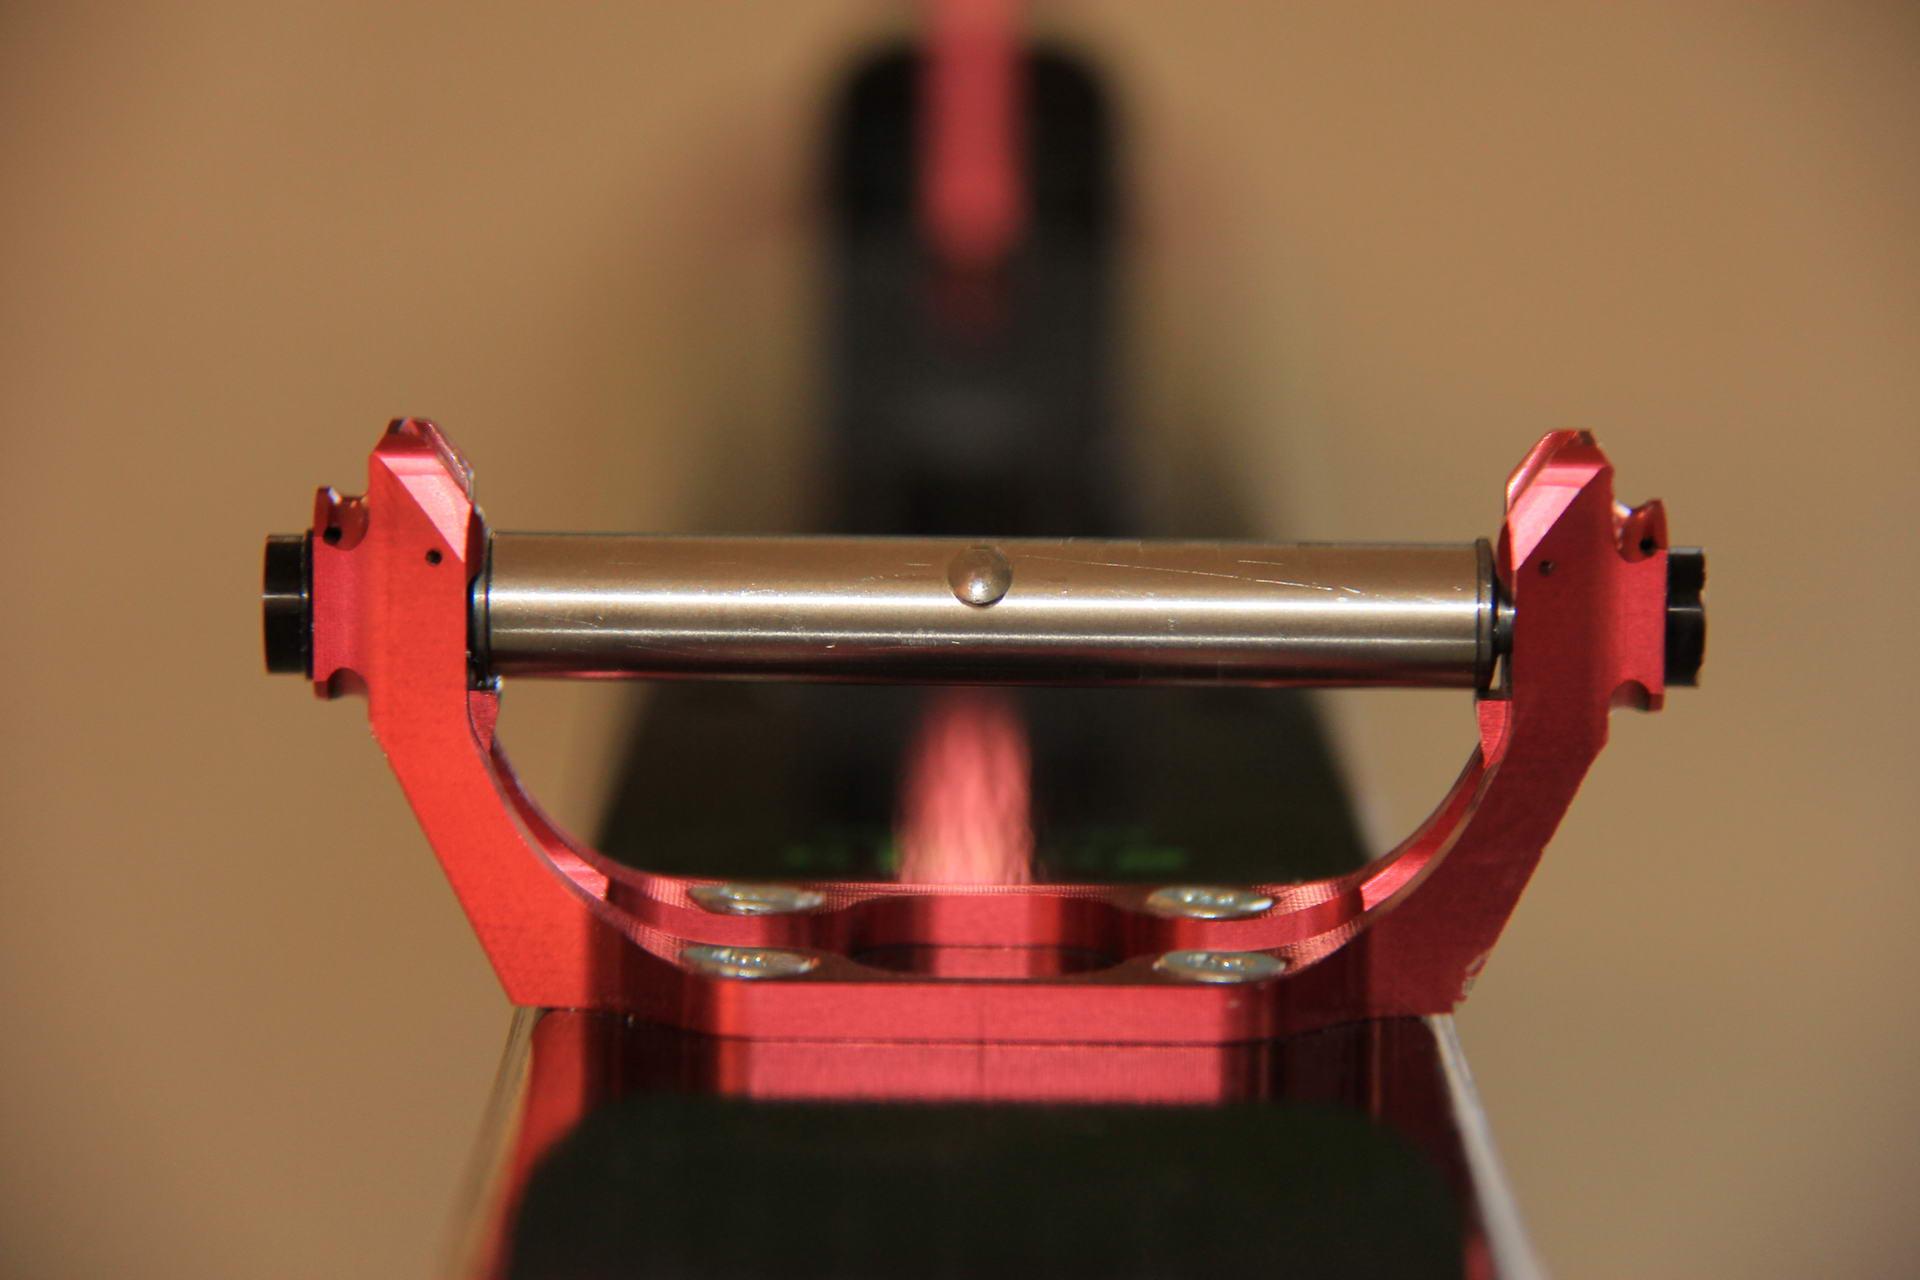 So klinkt sich der Zylinder mit den beiden Pins in die Pintec 49 ein.